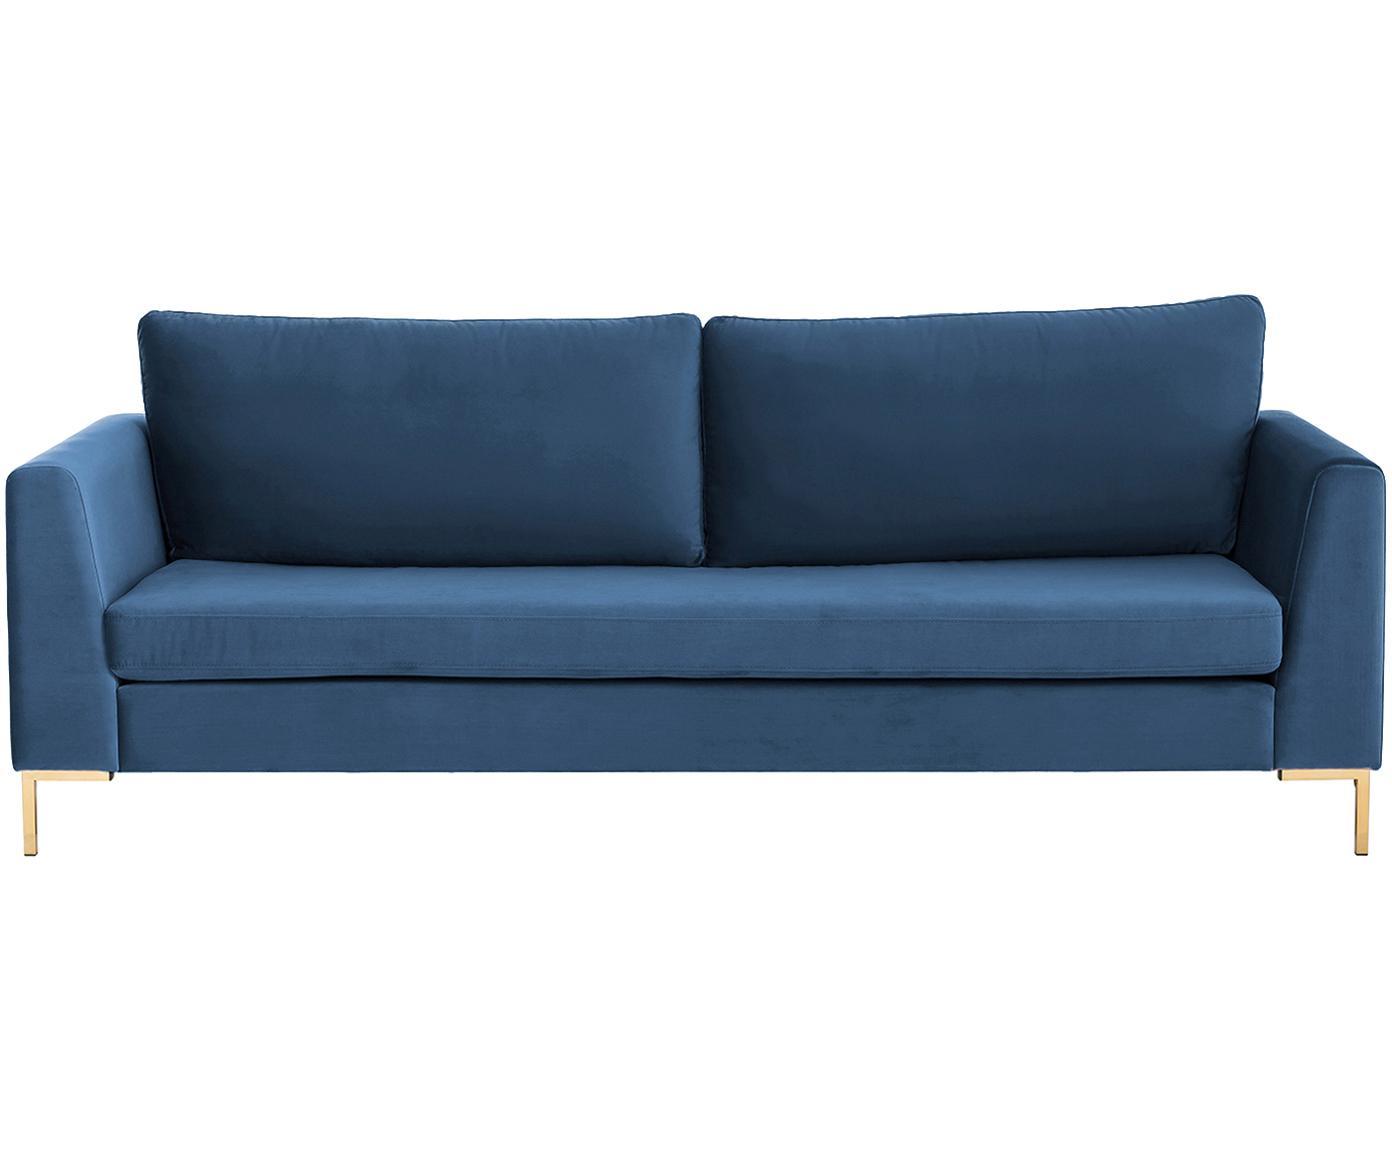 Sofá de terciopelo Luna (3plazas), Tapizado: terciopelo (poliéster) 80, Estructura: madera de haya, Patas: metal galvanizado, Terciopelo azul, dorado, An 230 x F 95 cm